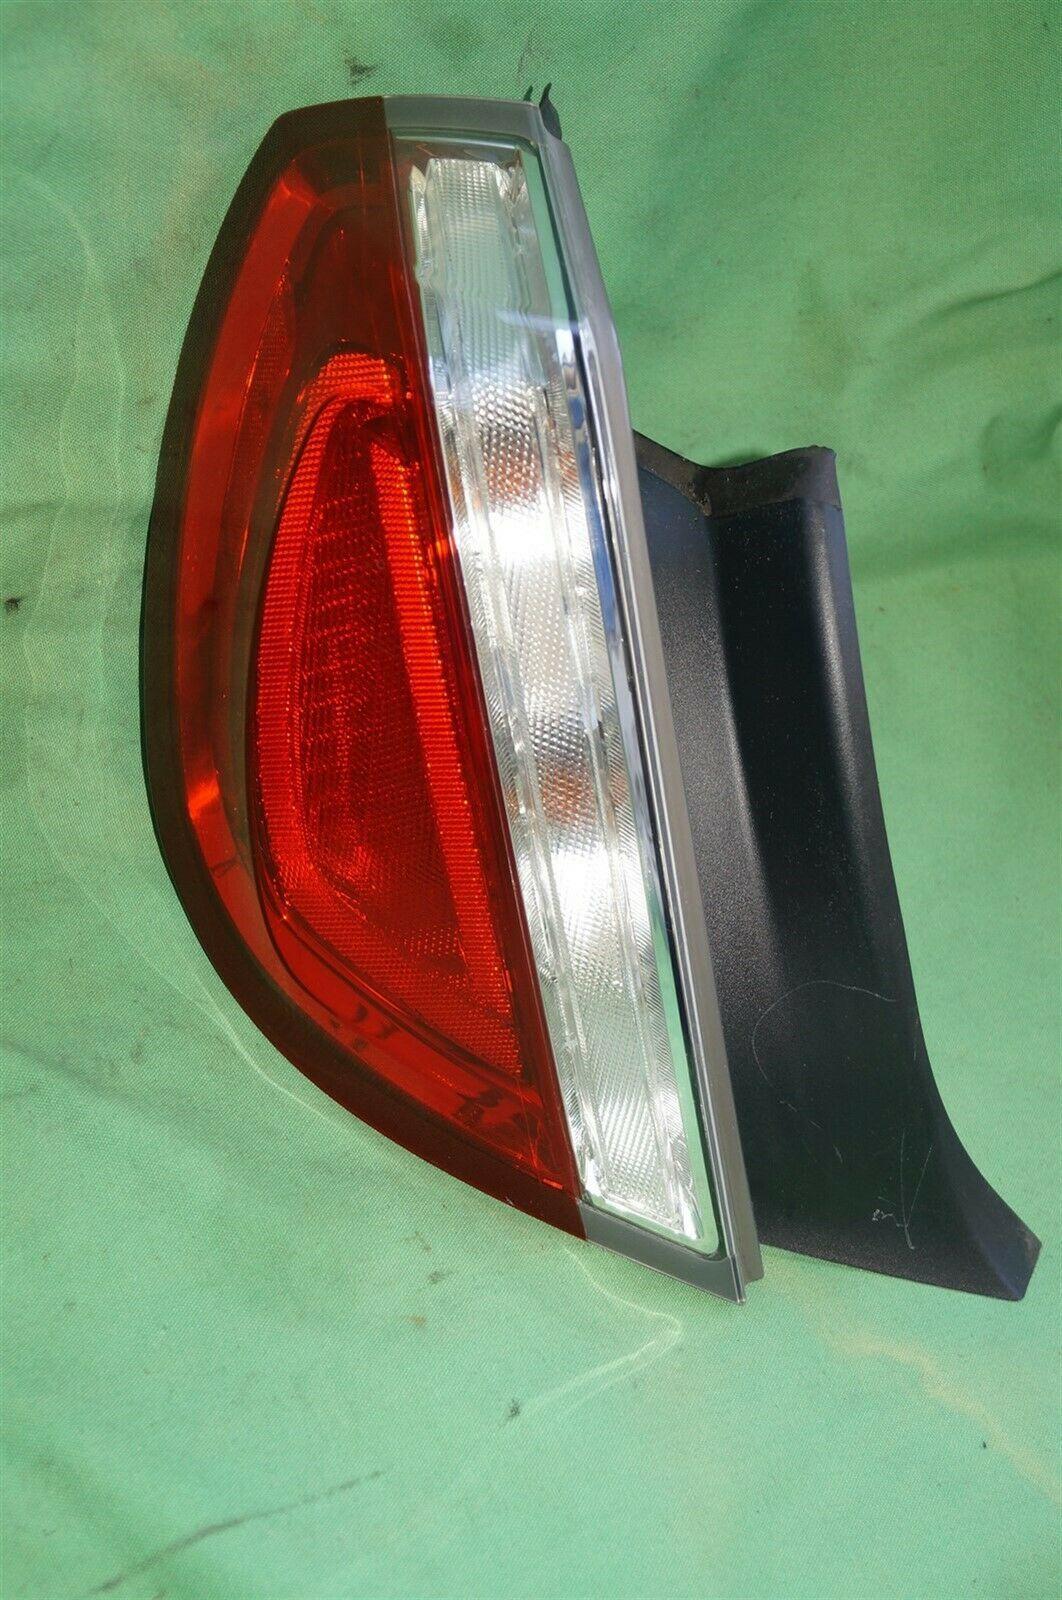 2009-12 Lincoln MKS LED Taillight Brake Light Lamp Driver Left - RH